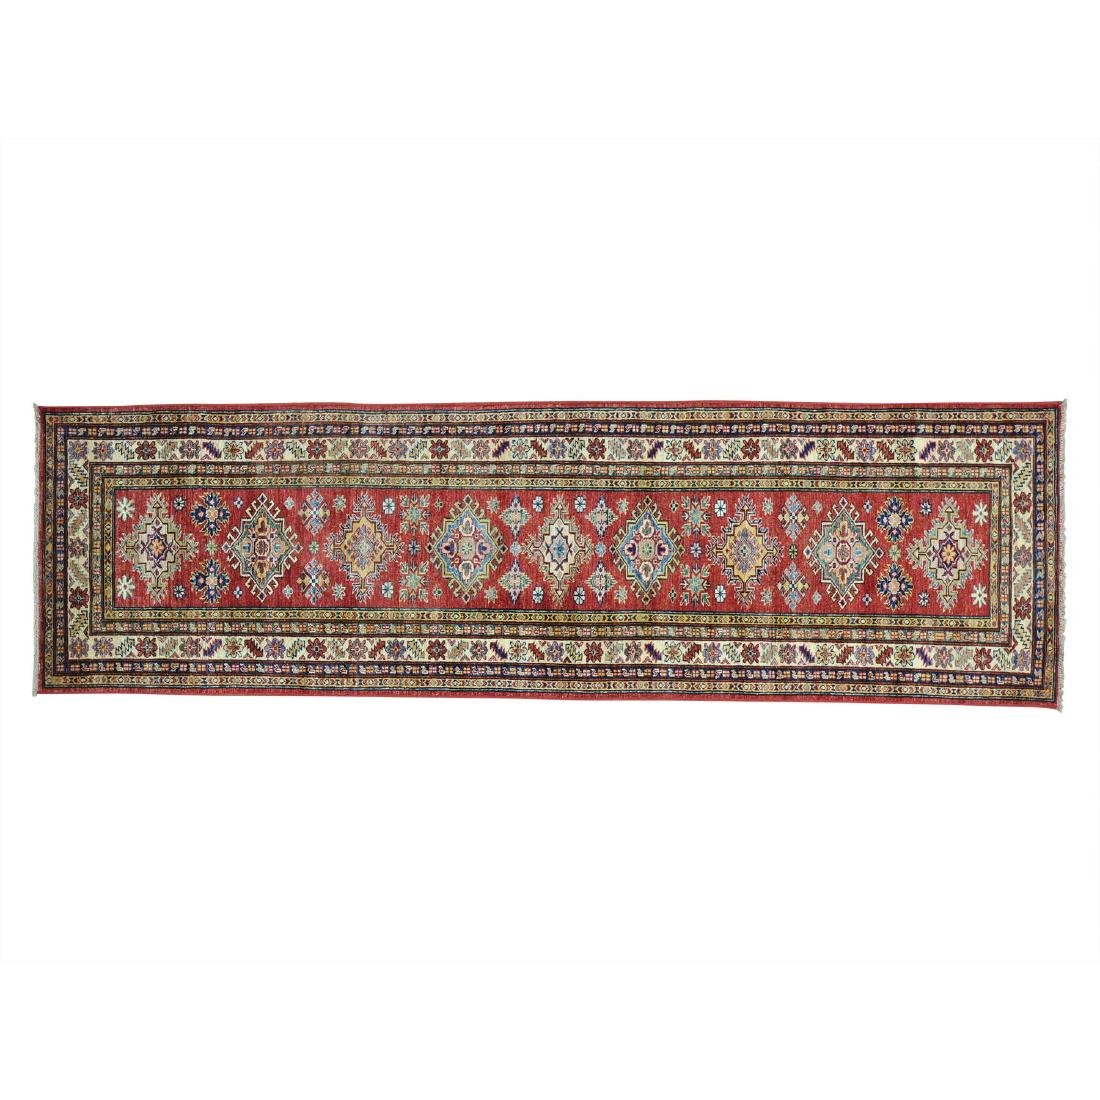 Tribal Design Wool Handmade Runner Kazak Rug 2.9x9.5